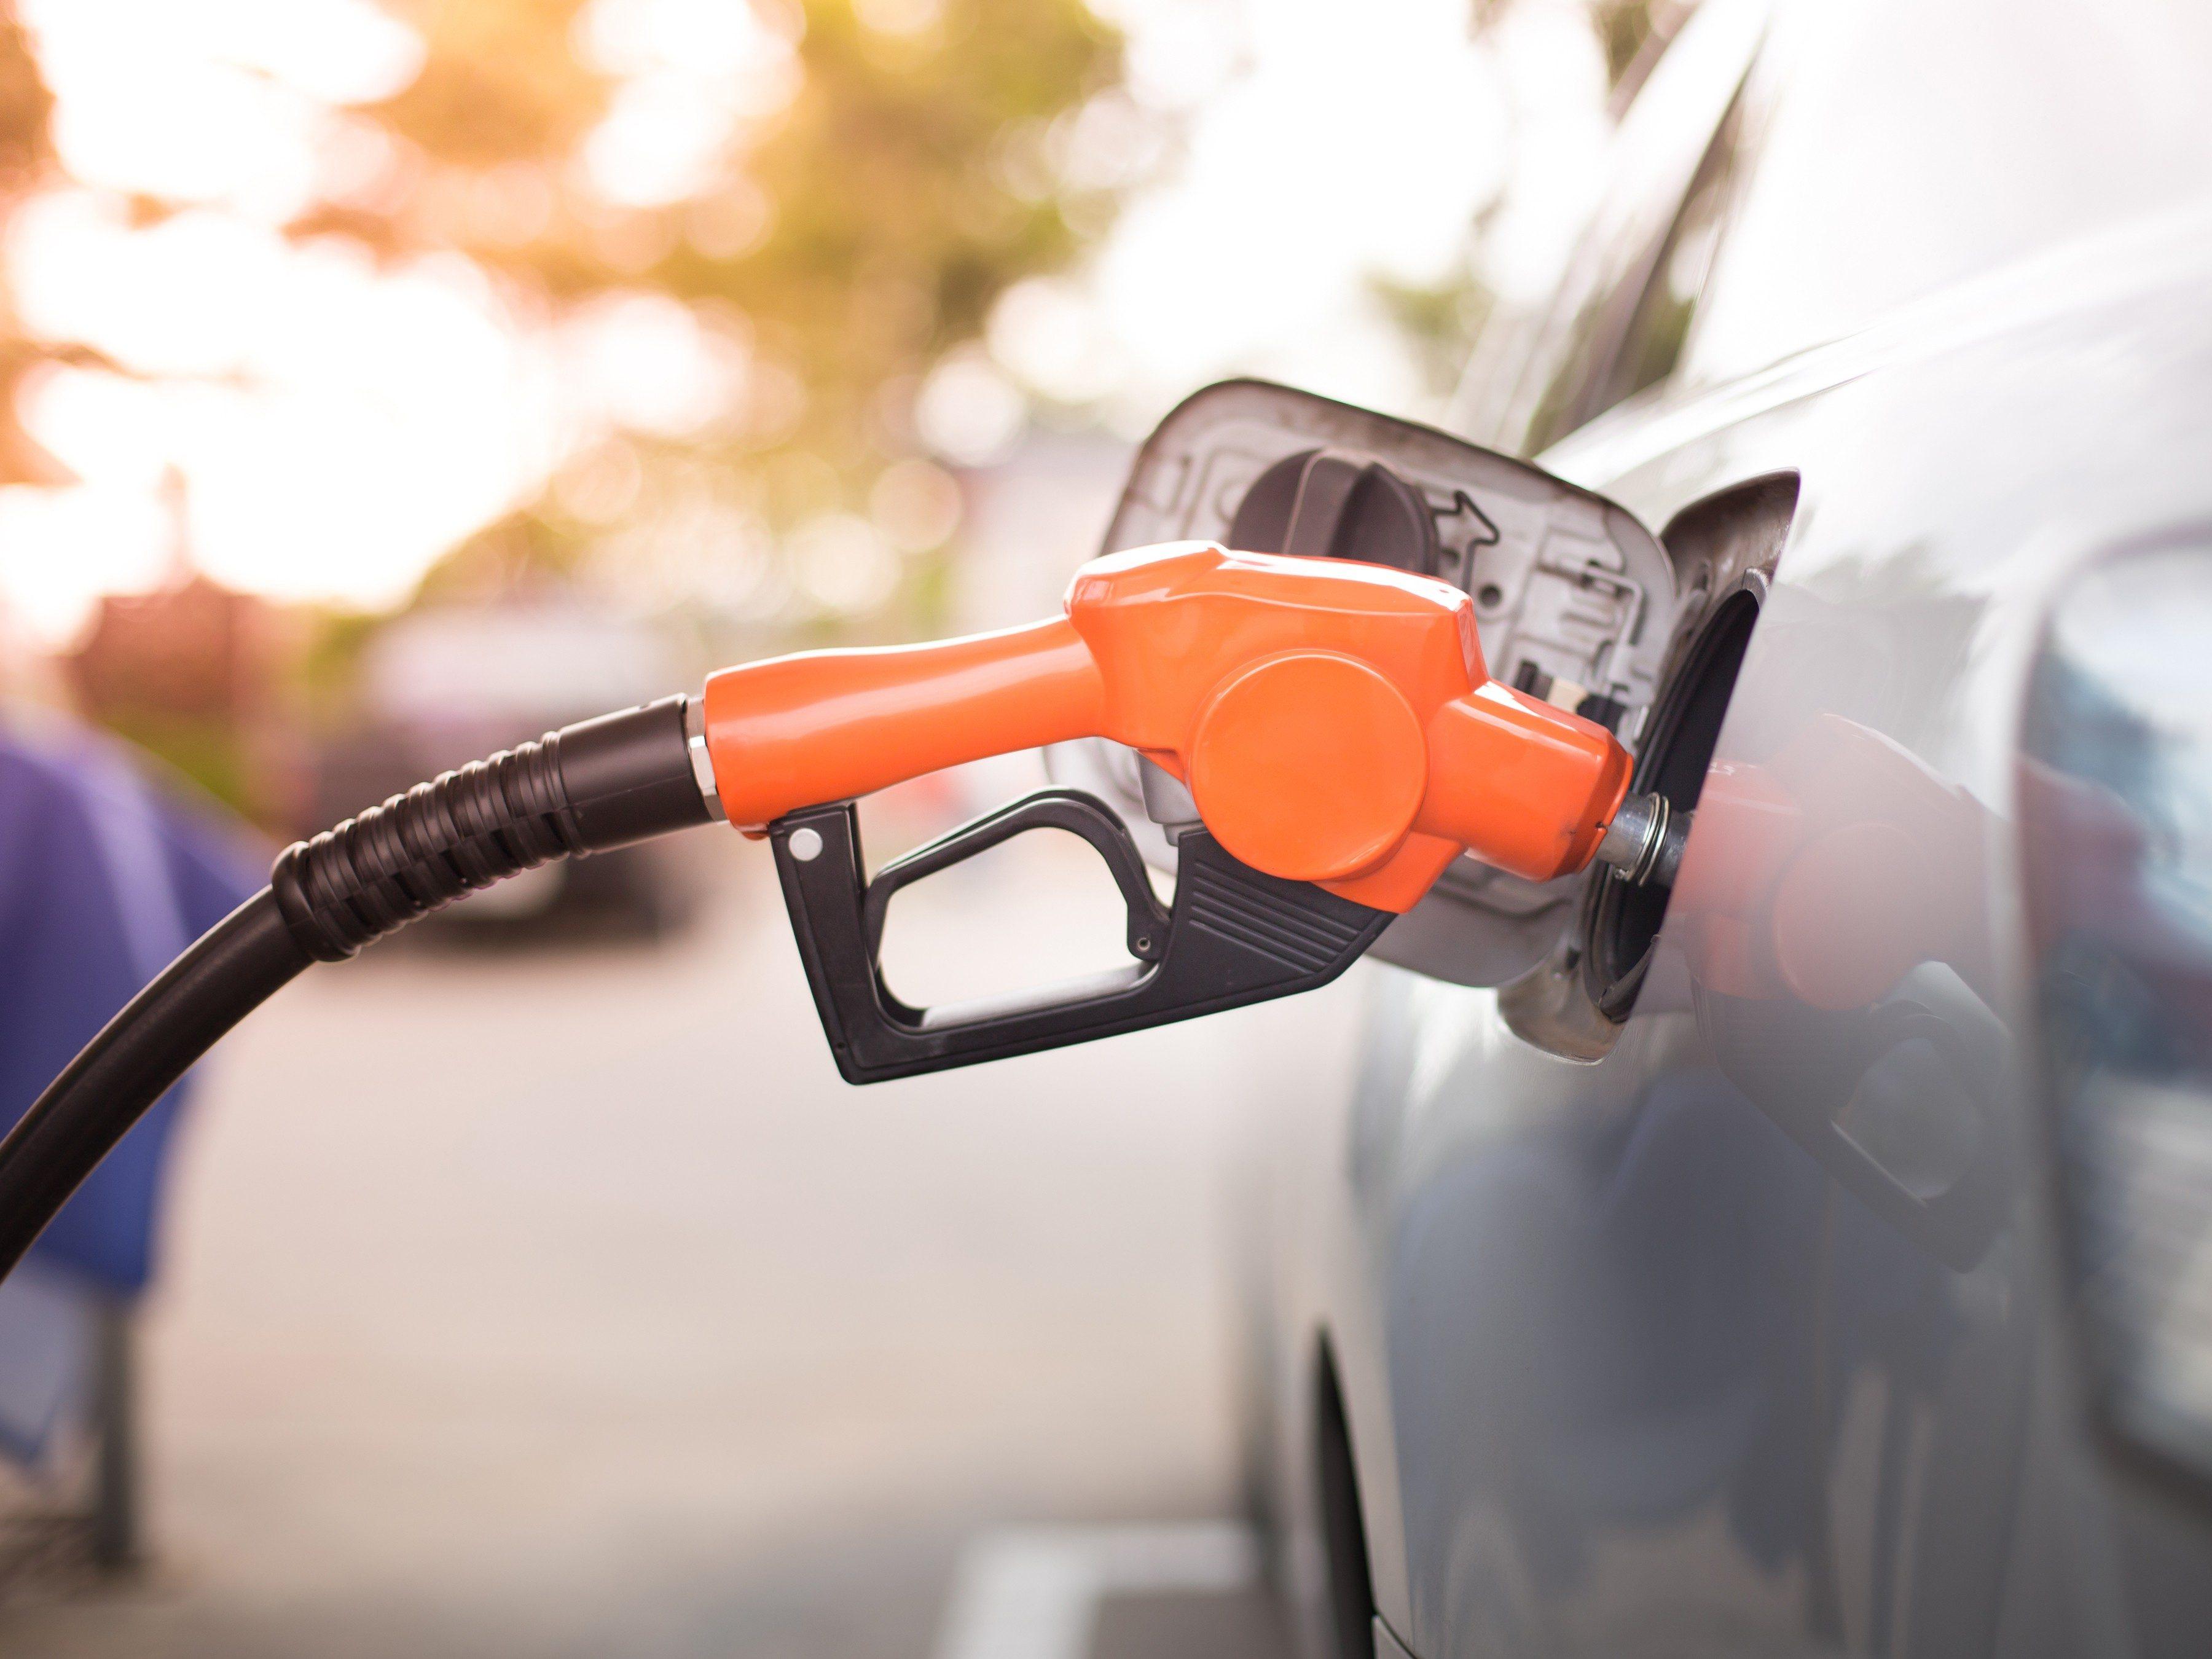 Considering upgrading from regular gas?